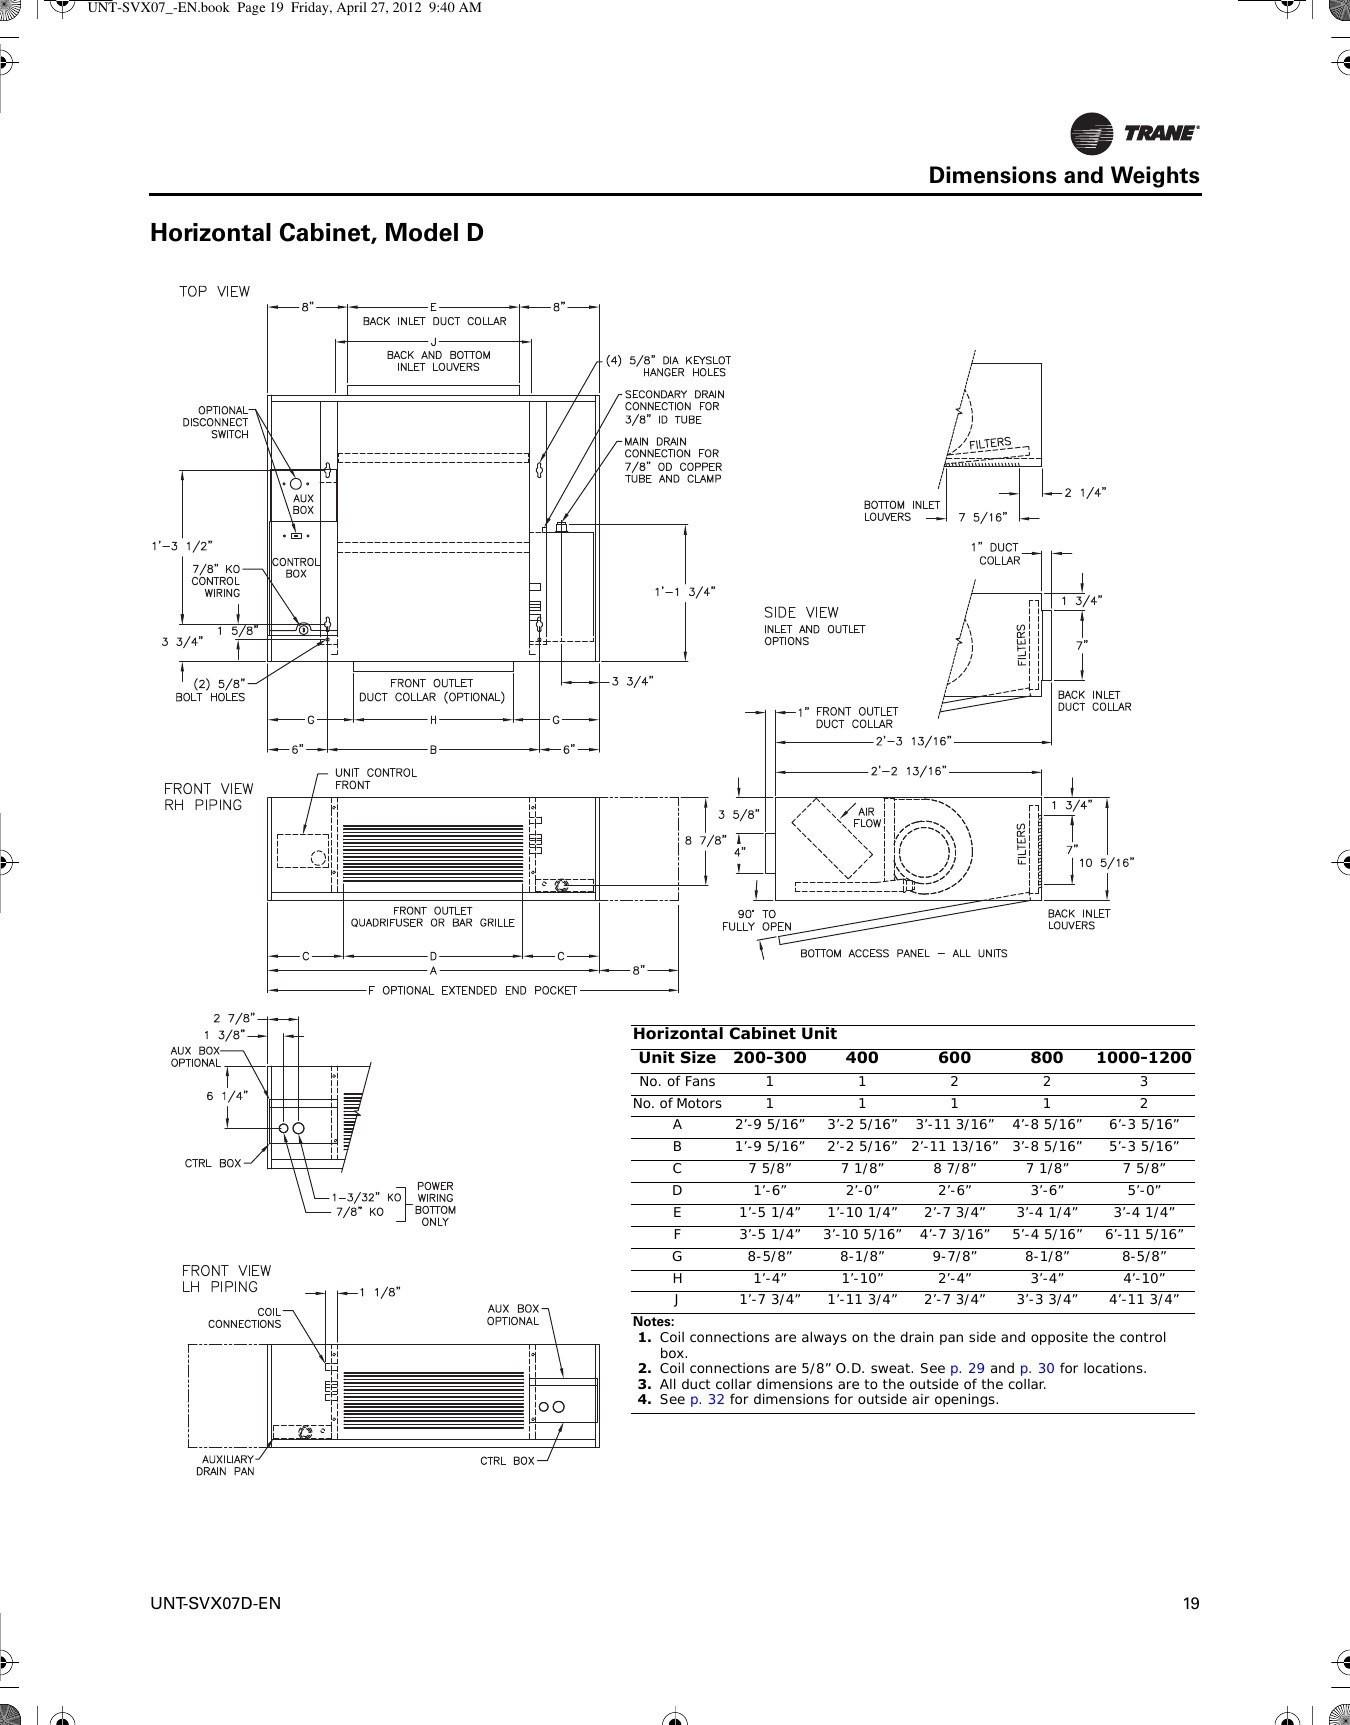 g32 wiring diagram schematics wiring diagrams u2022 rh schoosretailstores  com G32 Pills BMW G32